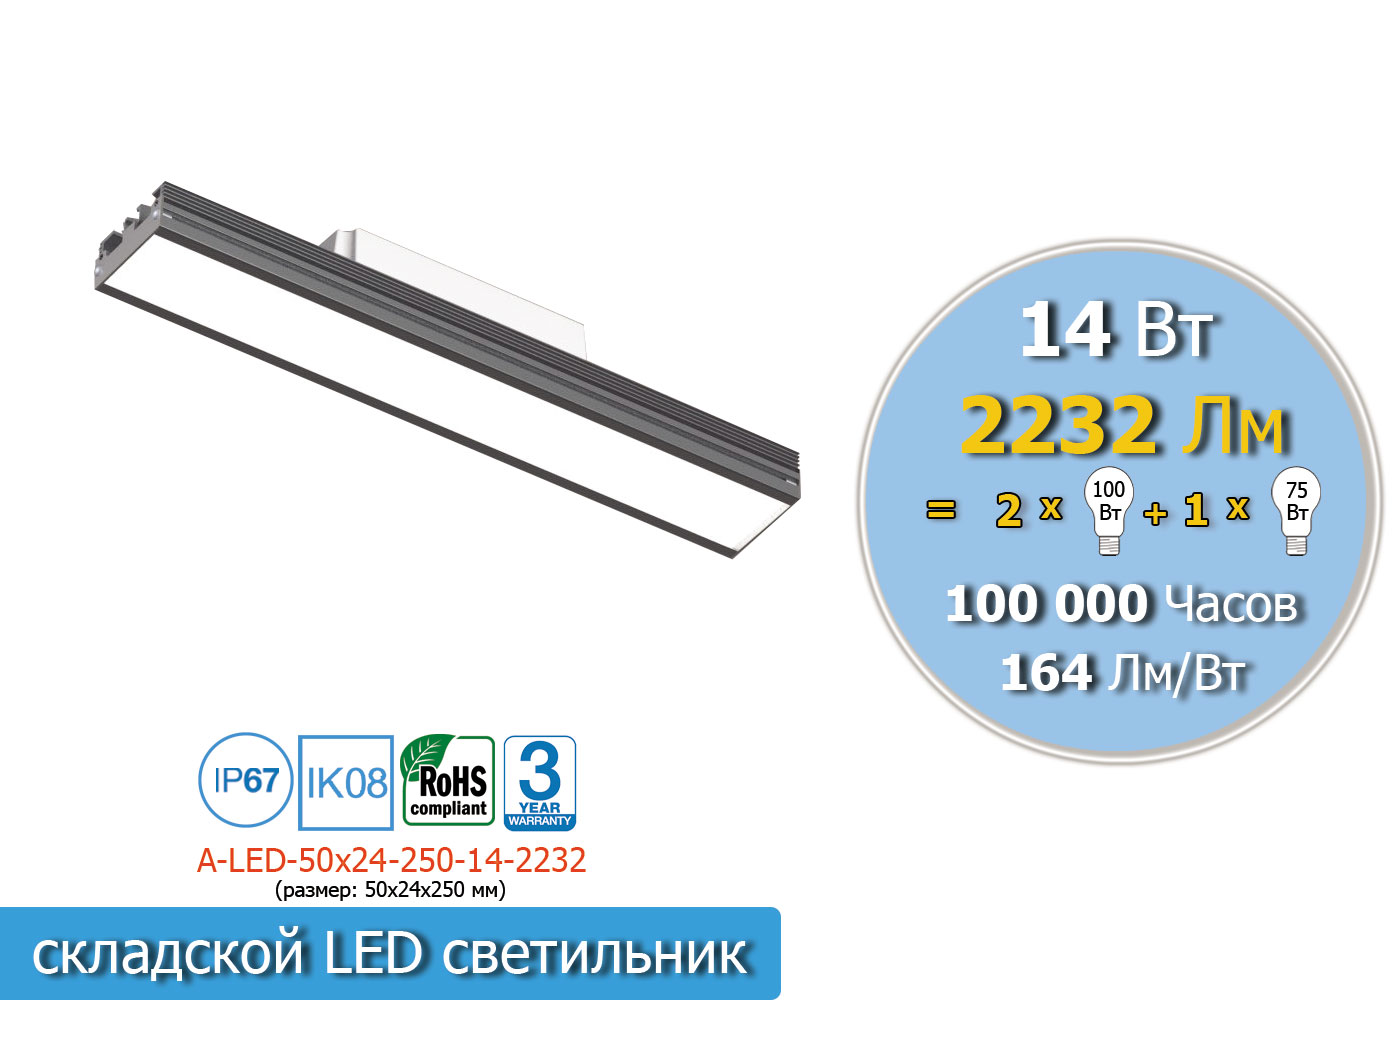 A-LED-50x24-1-250-14-2232